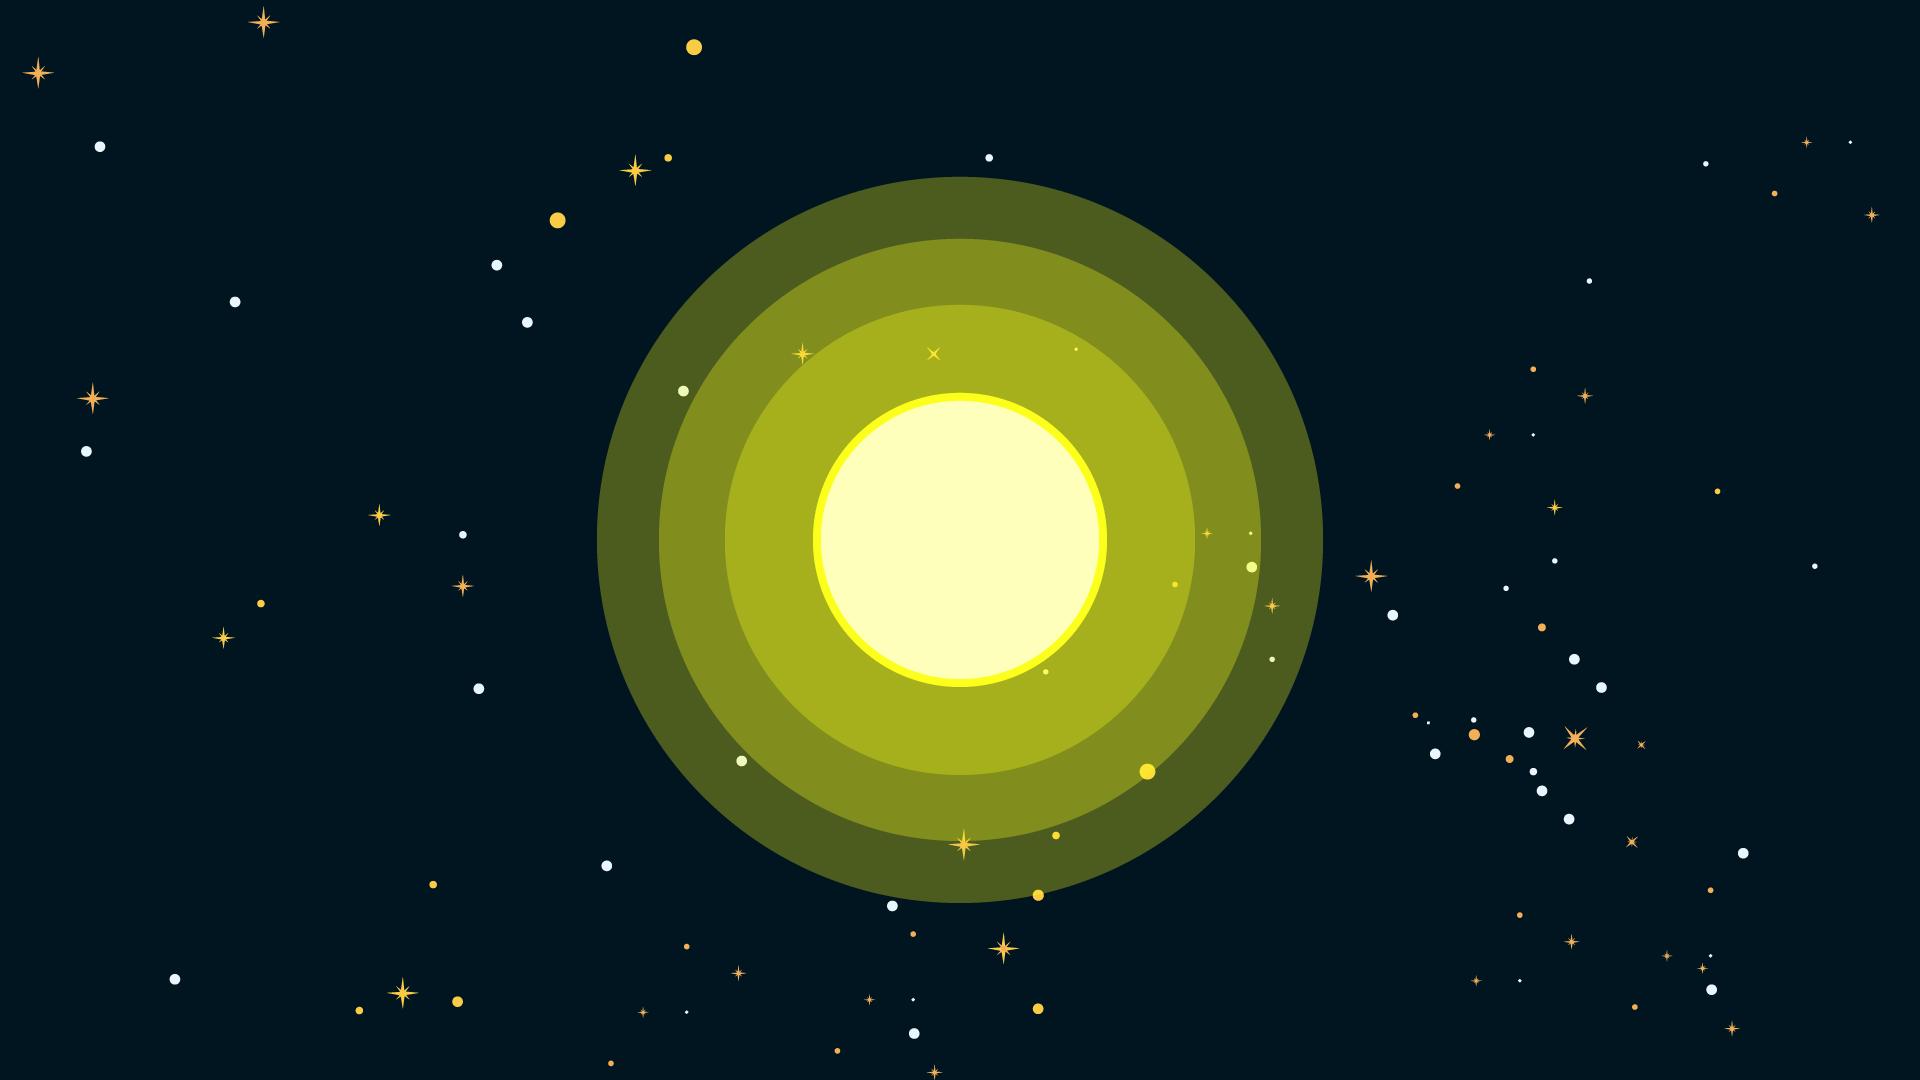 330_Destroy Universe_Kurzgesagt Header